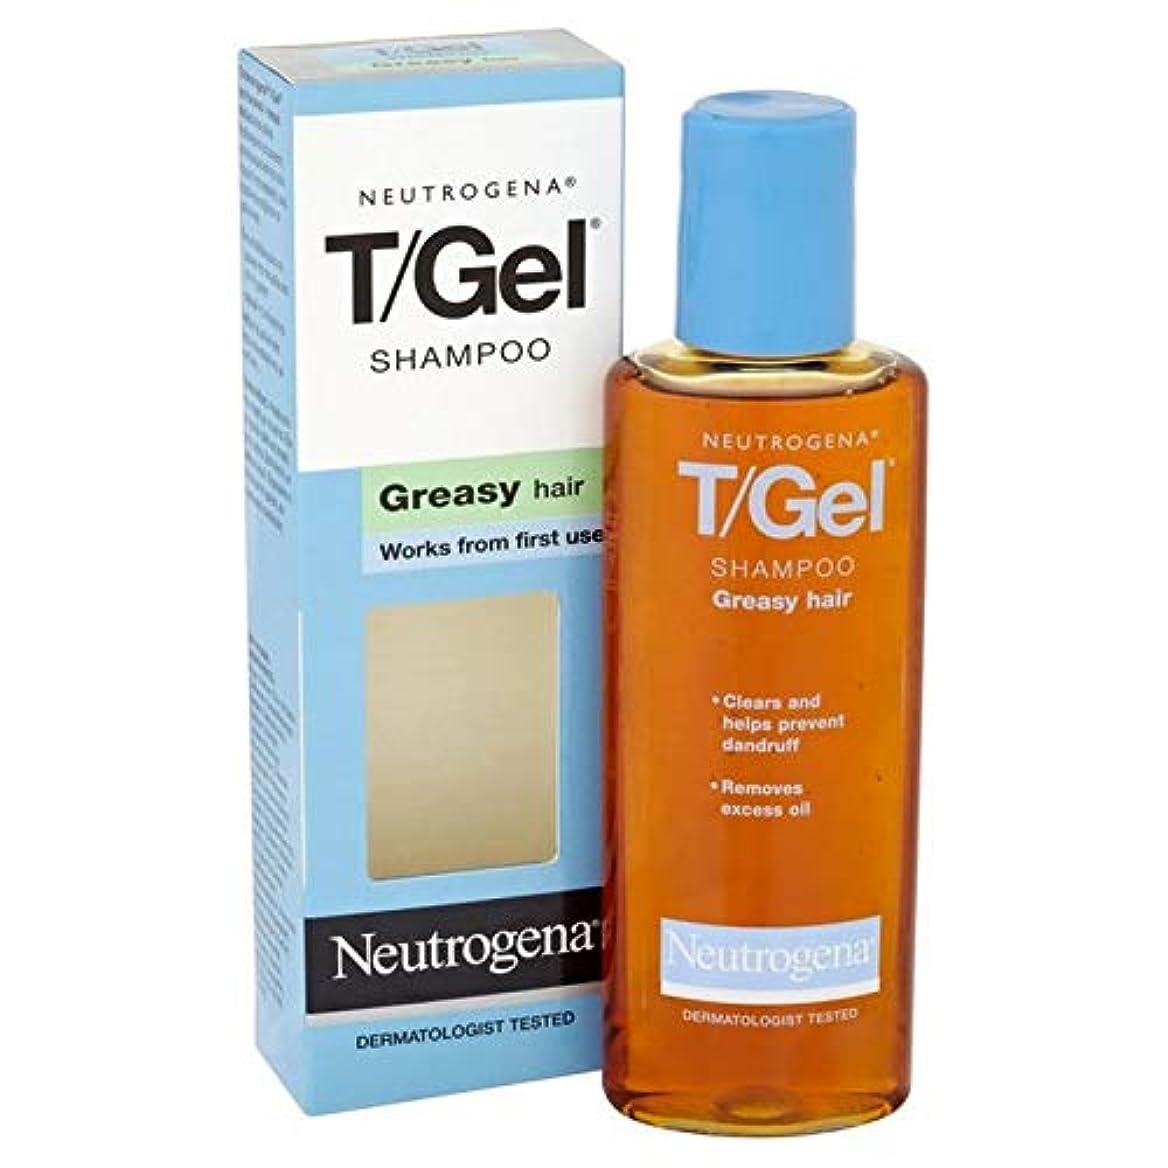 不運ピック和らげる[Neutrogena ] 脂ぎった髪の125ミリリットルのためのニュートロジーナトン/ゲルシャンプー - Neutrogena T/Gel Shampoo for Greasy Hair 125ml [並行輸入品]